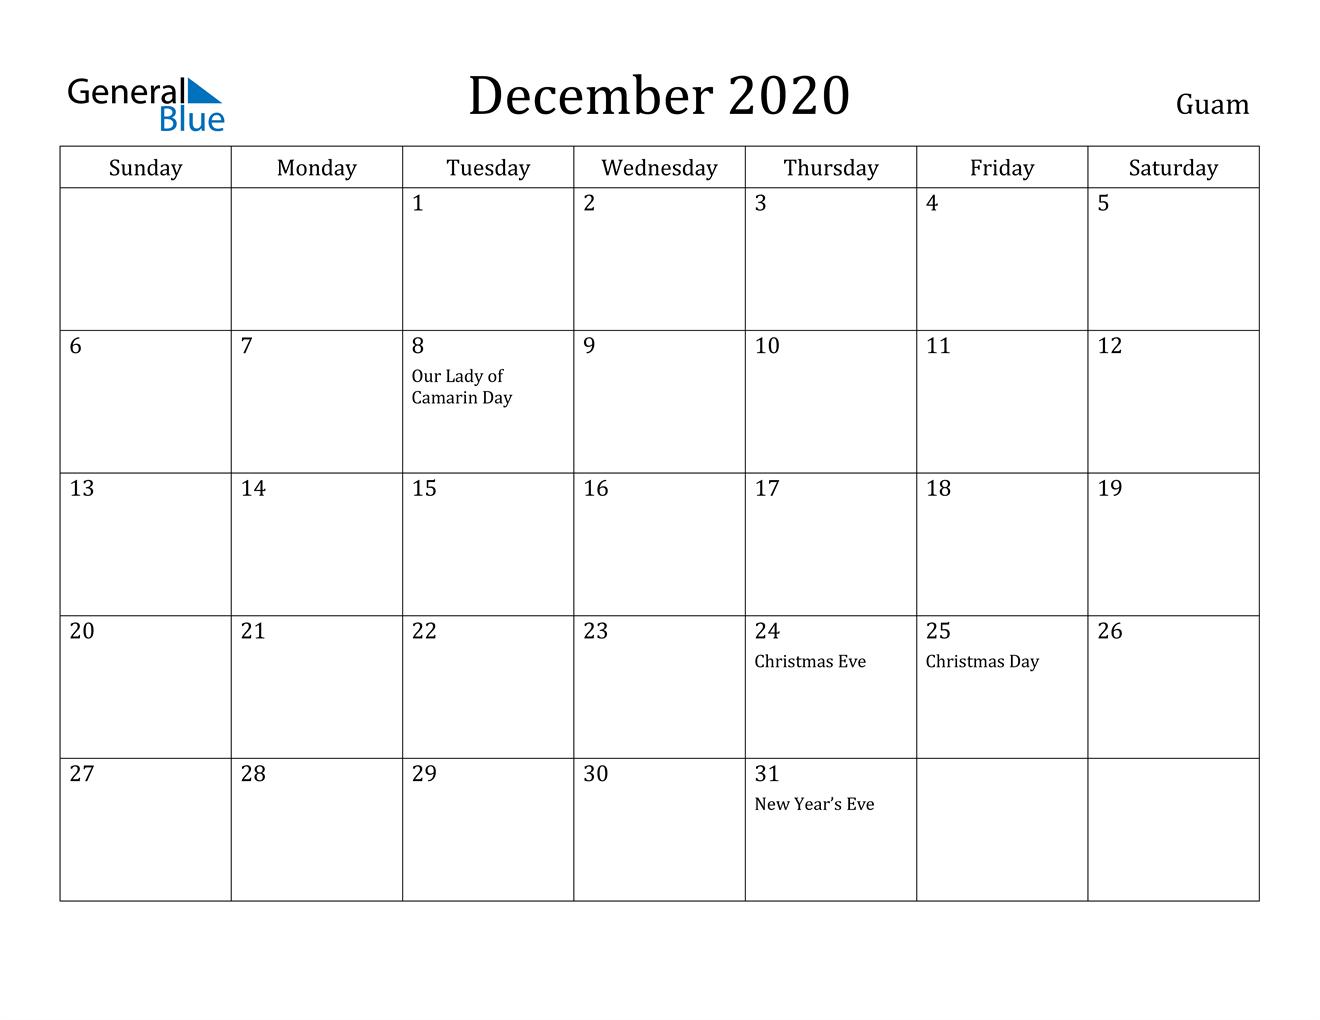 December 2020 Calendar - Guam